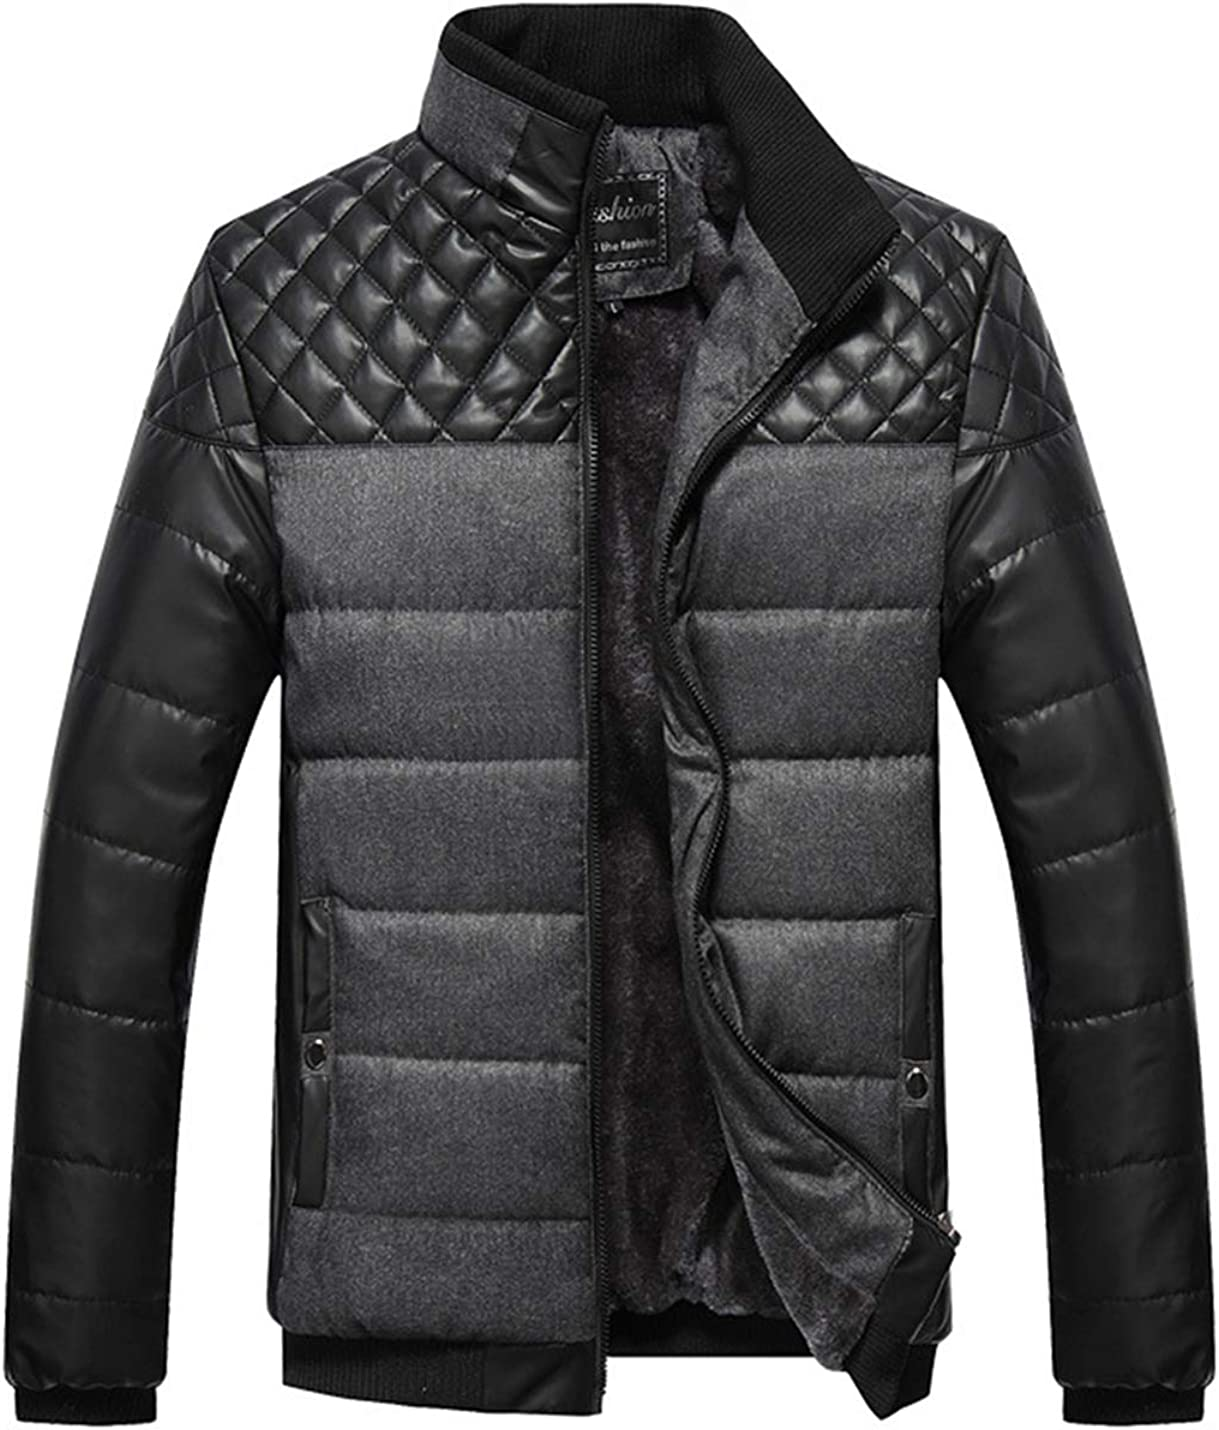 Lentta Men's Winter Warm Fleece Lined Zipper Quilted Stand Collar Jacket Coat